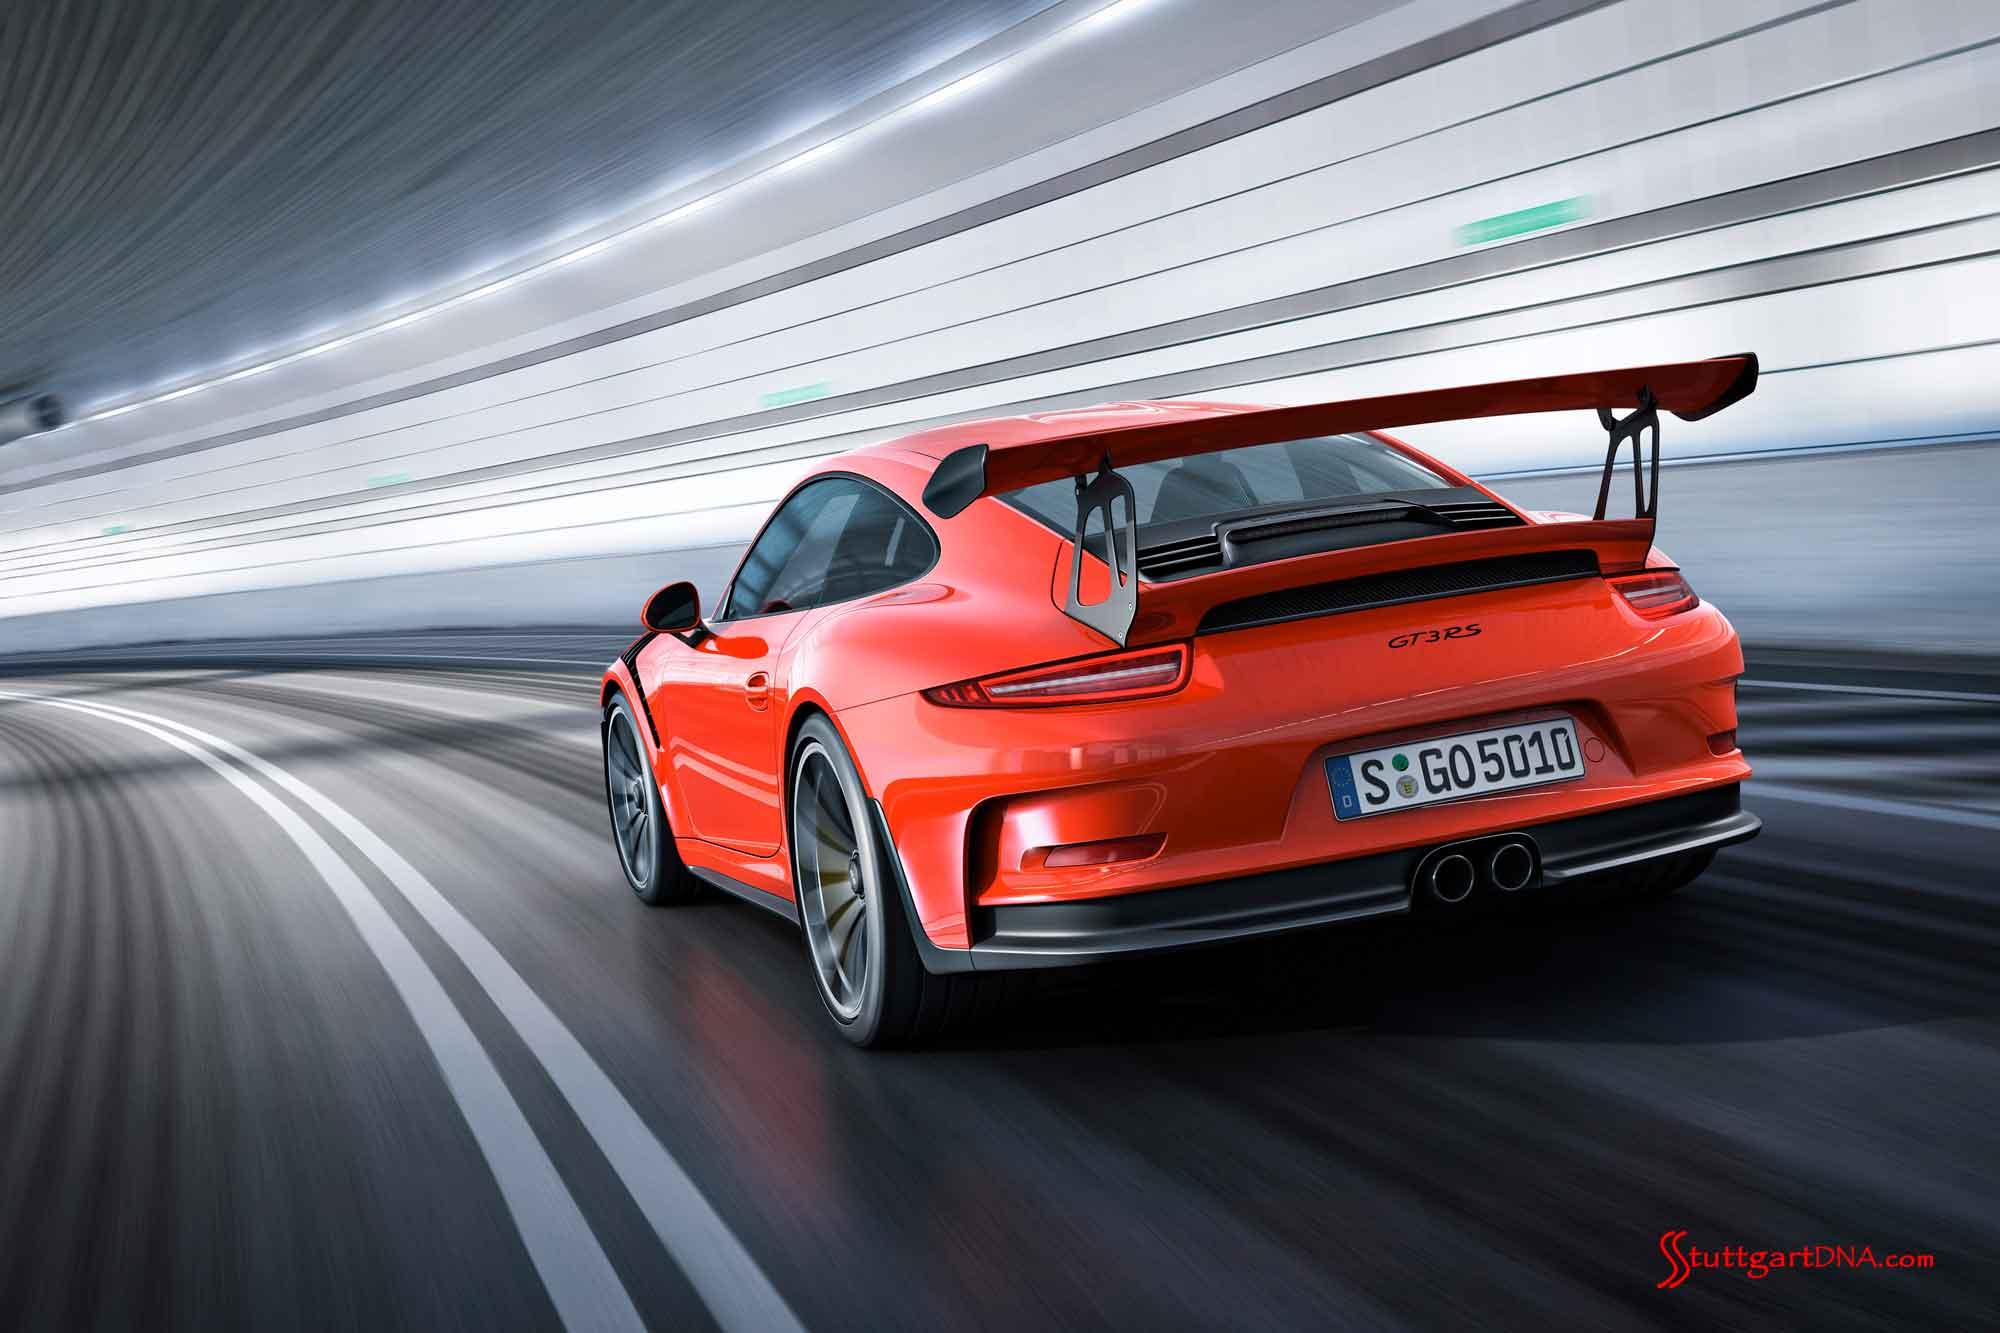 The new Porsche 991 911 GT3 RS | StuttgartDNA Porsche Gte on porsche gt3, porsche hre p101 wheels, porsche turbo s, porsche sapphire blue wallpaper, porsche gemballa, porsche 550 wing, porsche cayenne, porsche 4 door, porsche convertible,